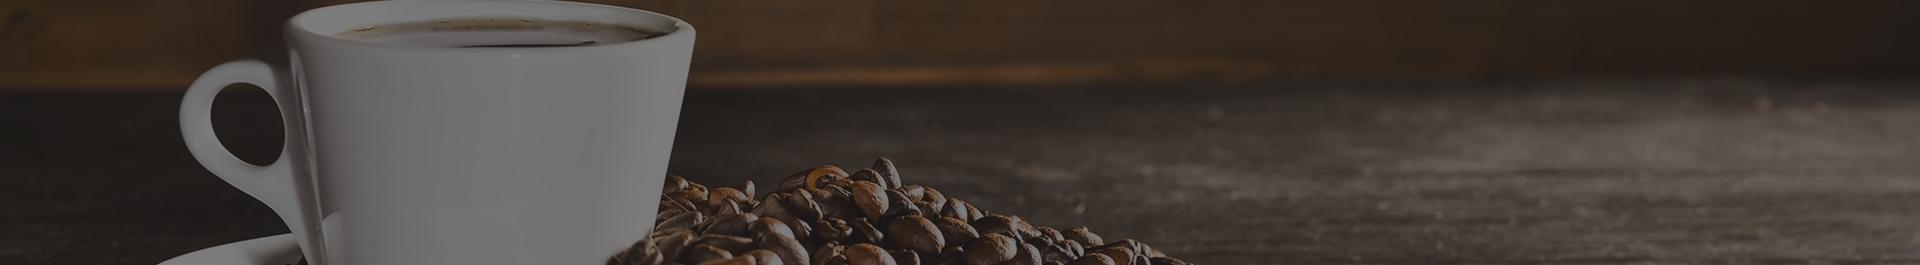 Μηχανές  Espresso- Καφετέριες  Φίλτρου